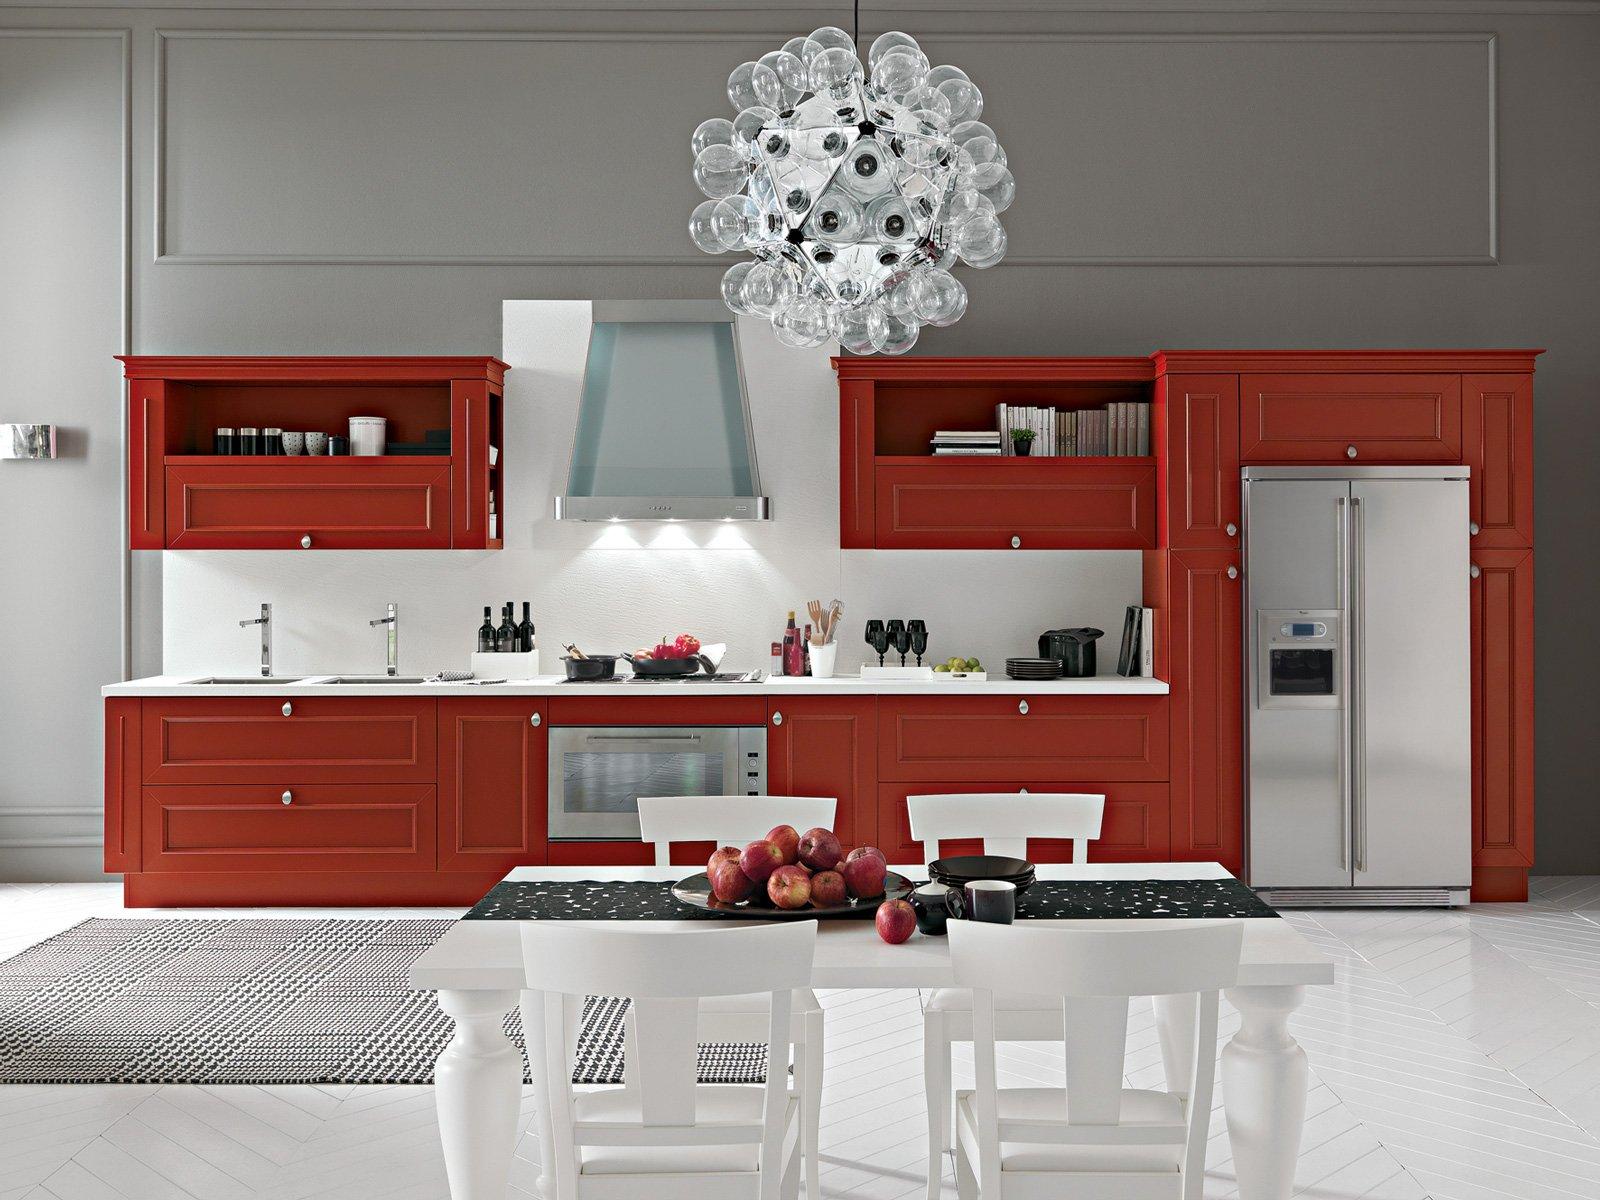 Beautiful Cucina Chantal Febal Contemporary - bakeroffroad.us ...